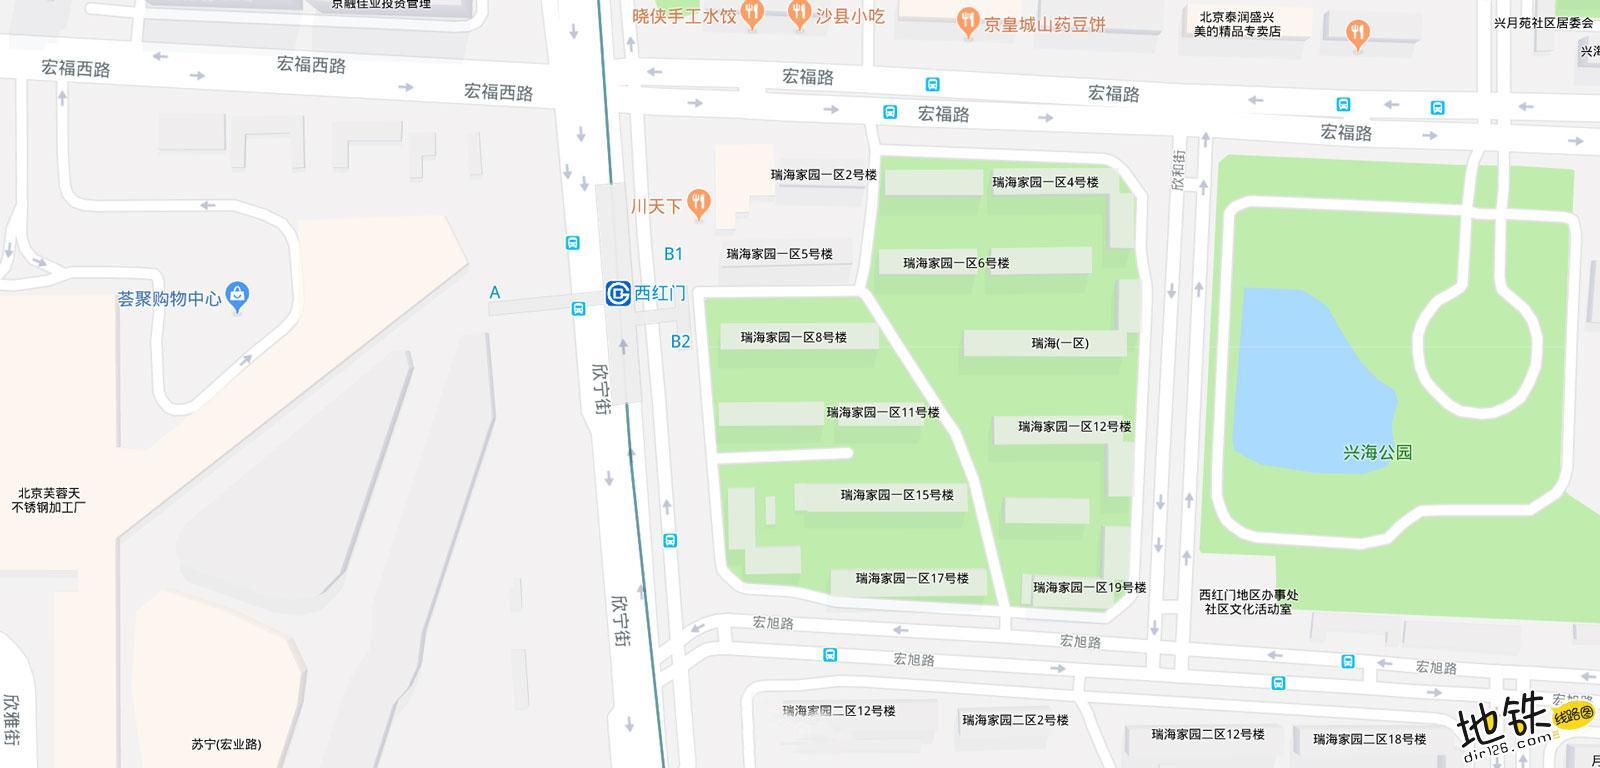 西红门地铁站 北京地铁西红门站出入口 地图信息查询  北京地铁站  第2张